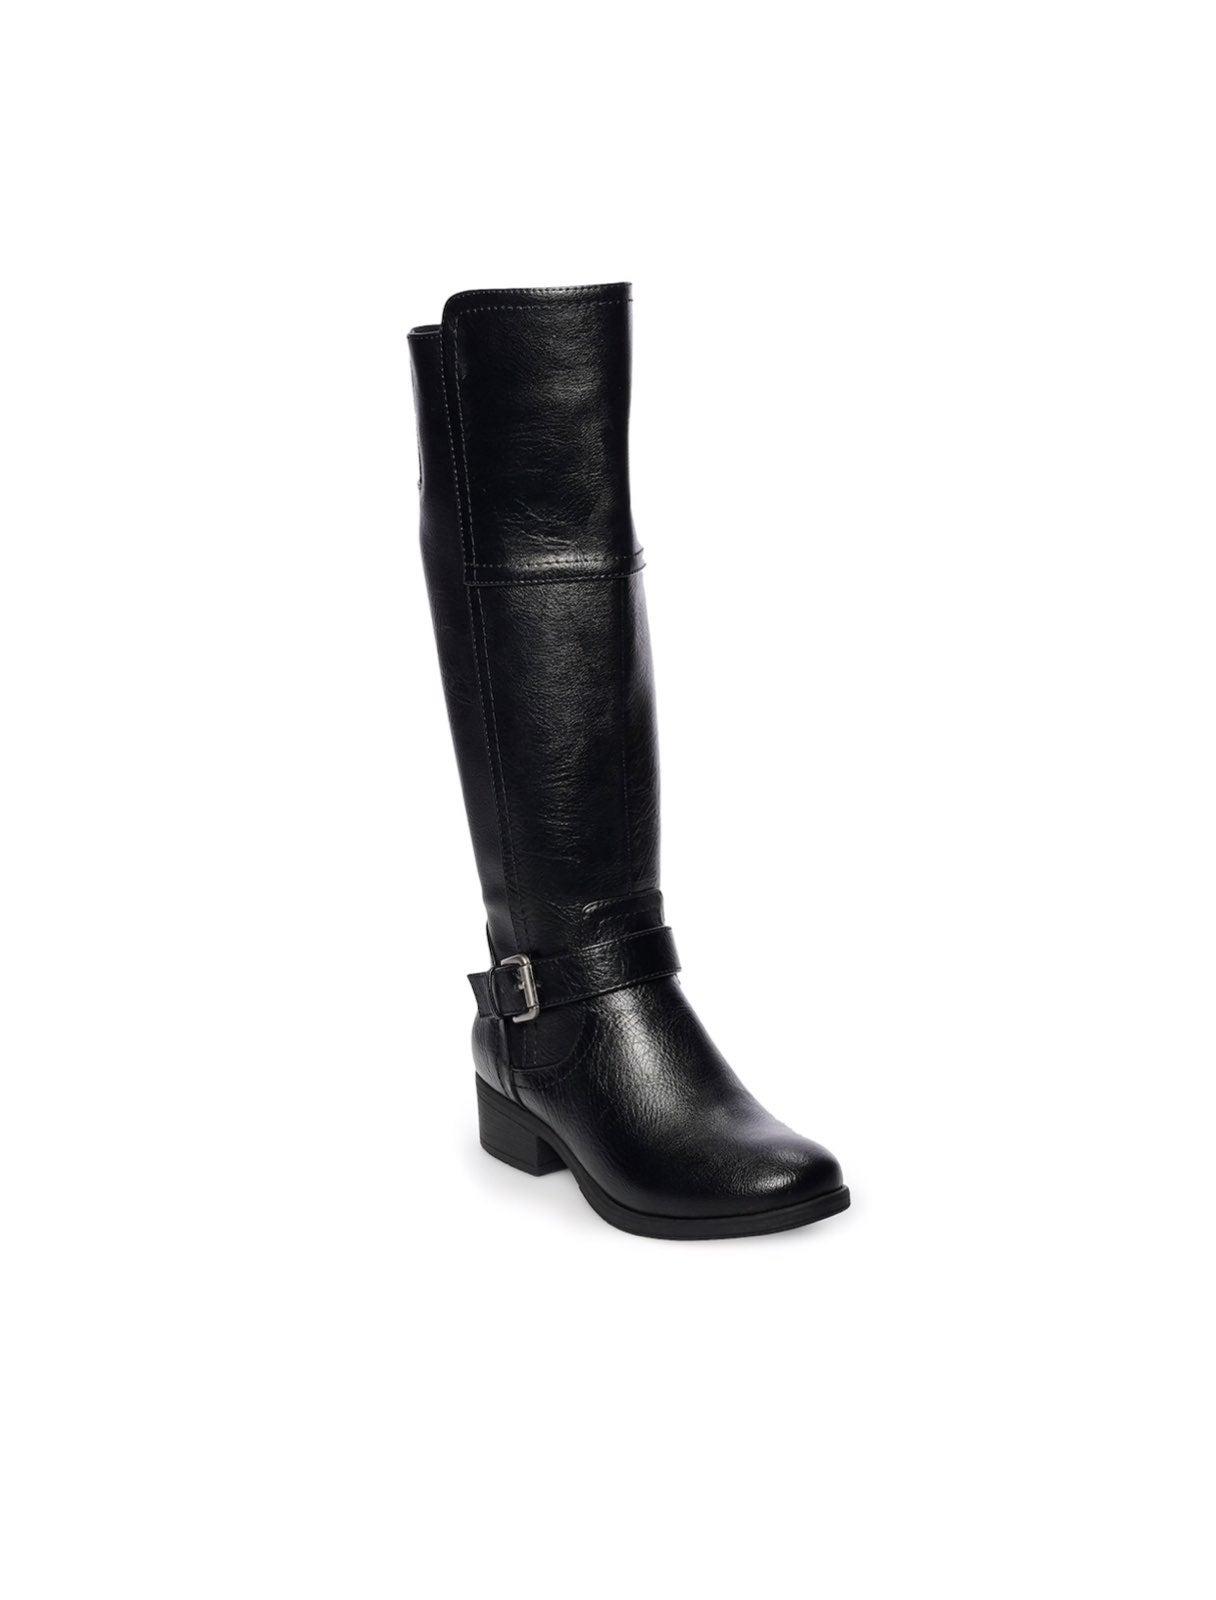 Croft \u0026 Barrow Wide-Calf Boots | Mercari